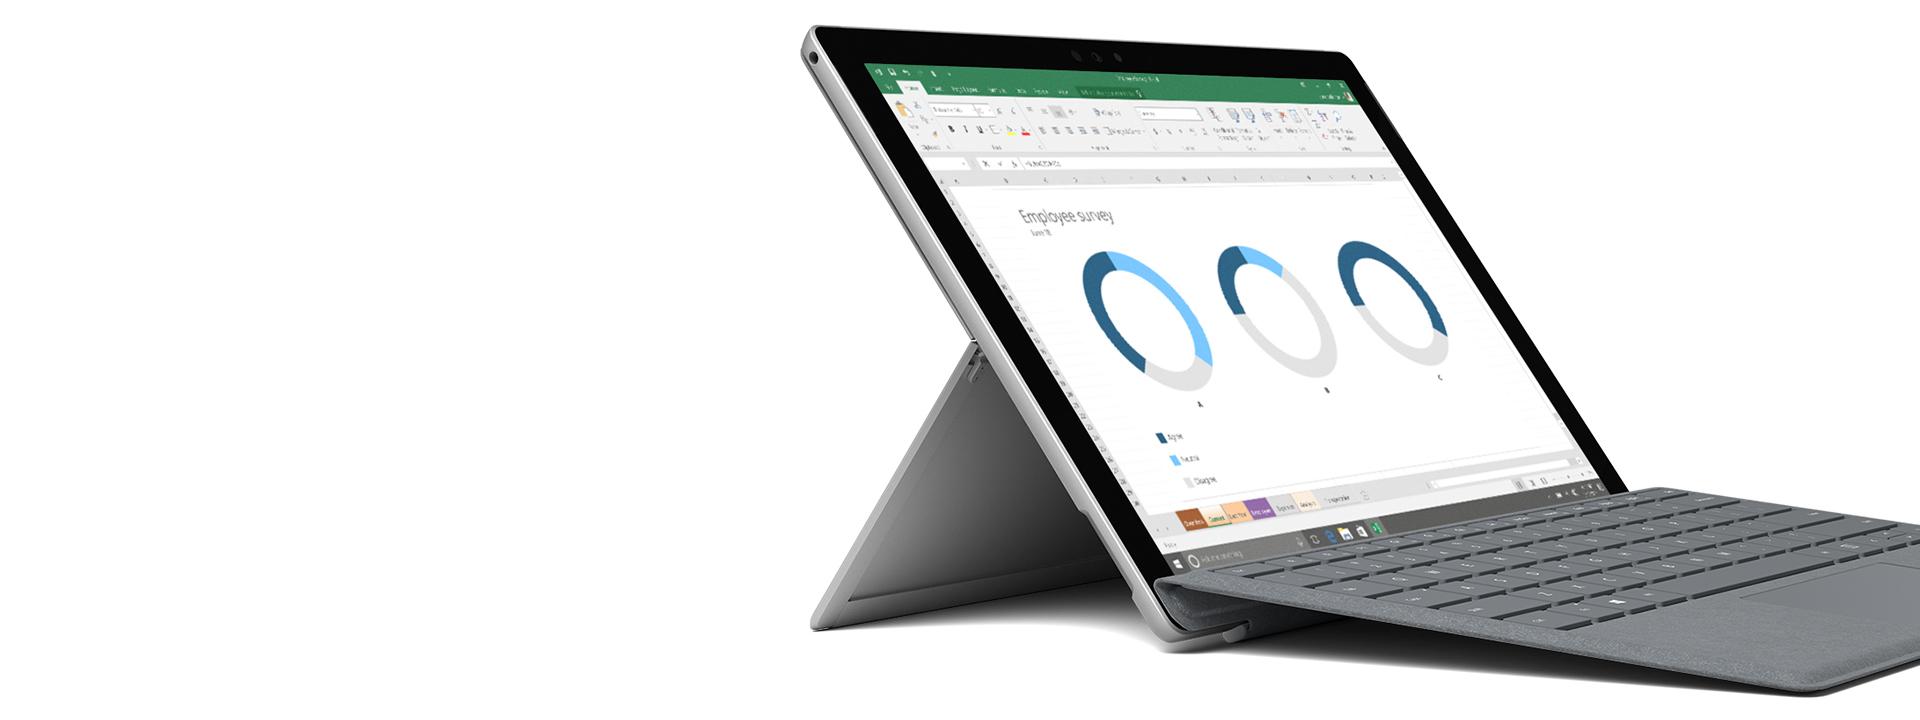 Peranti Surface ditunjukkan dengan tangkapan skrin Windows/Office.